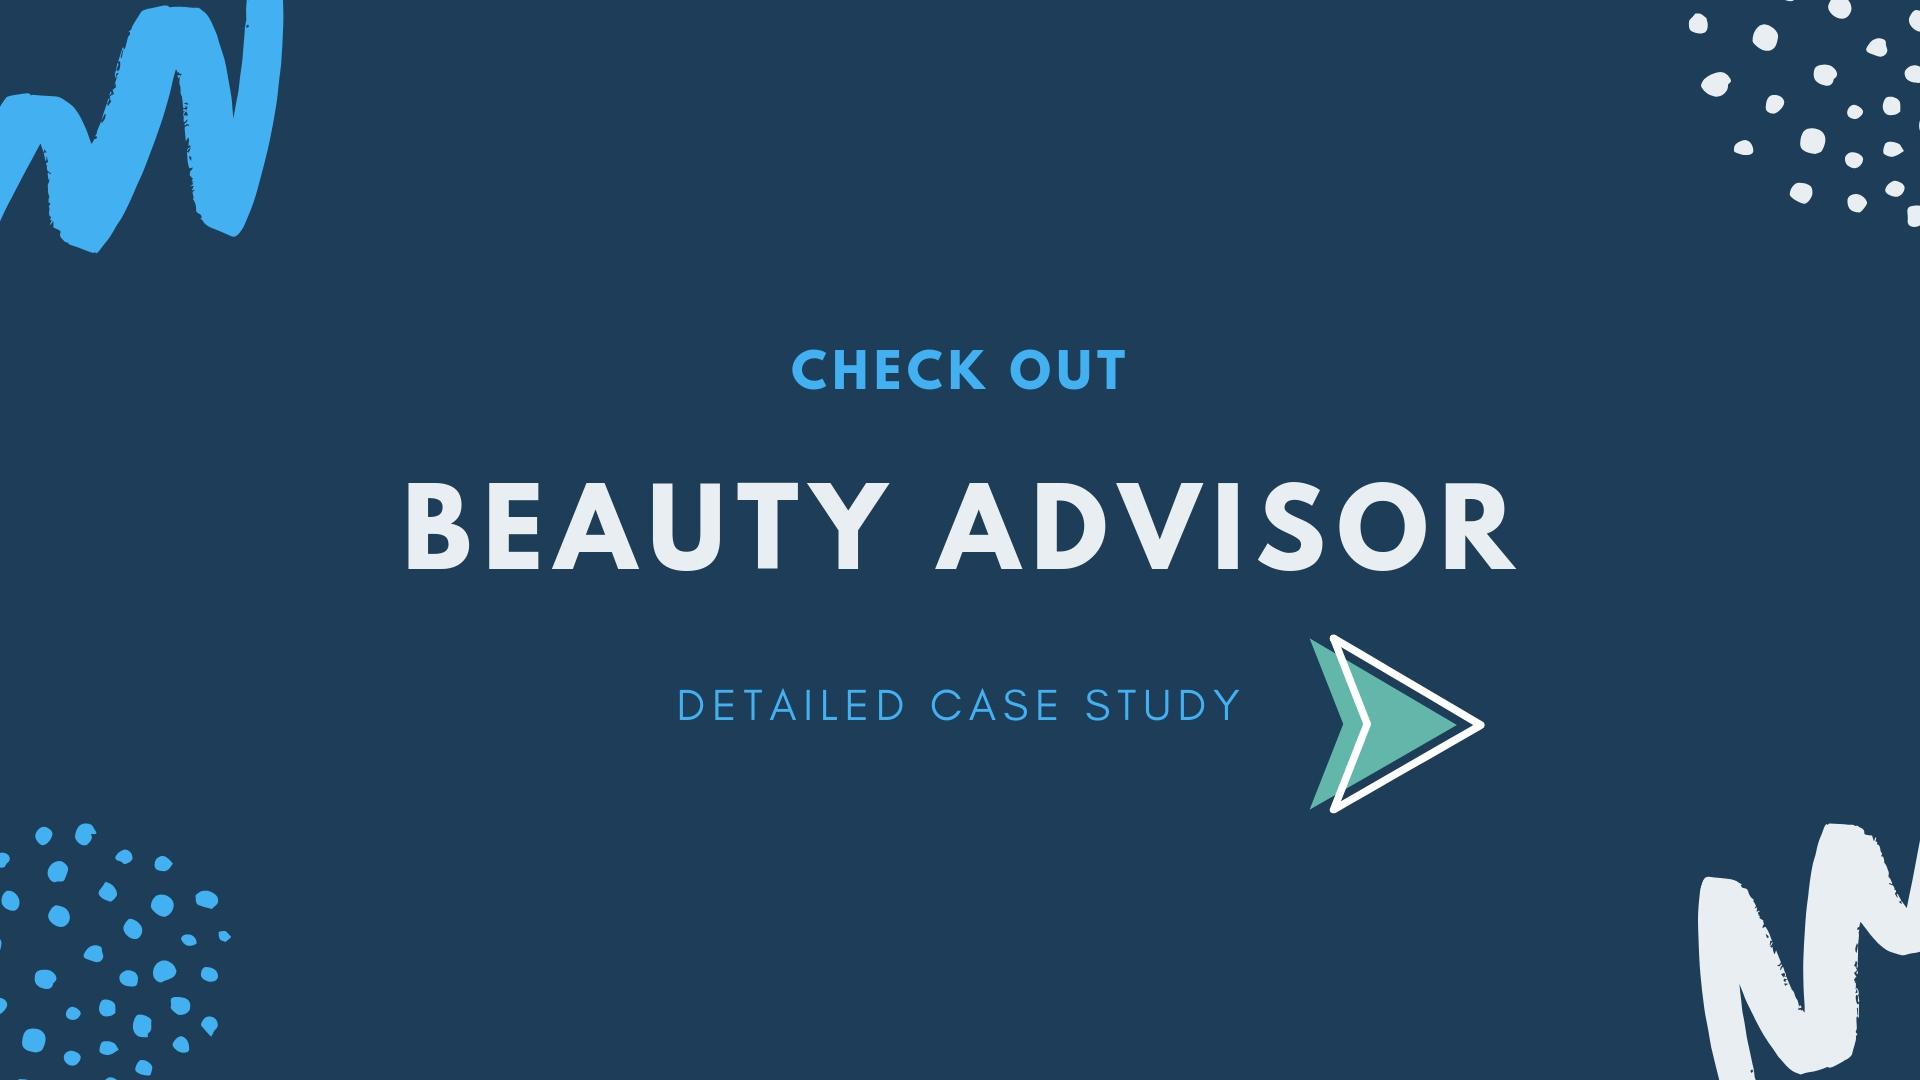 BeautyAdvisor